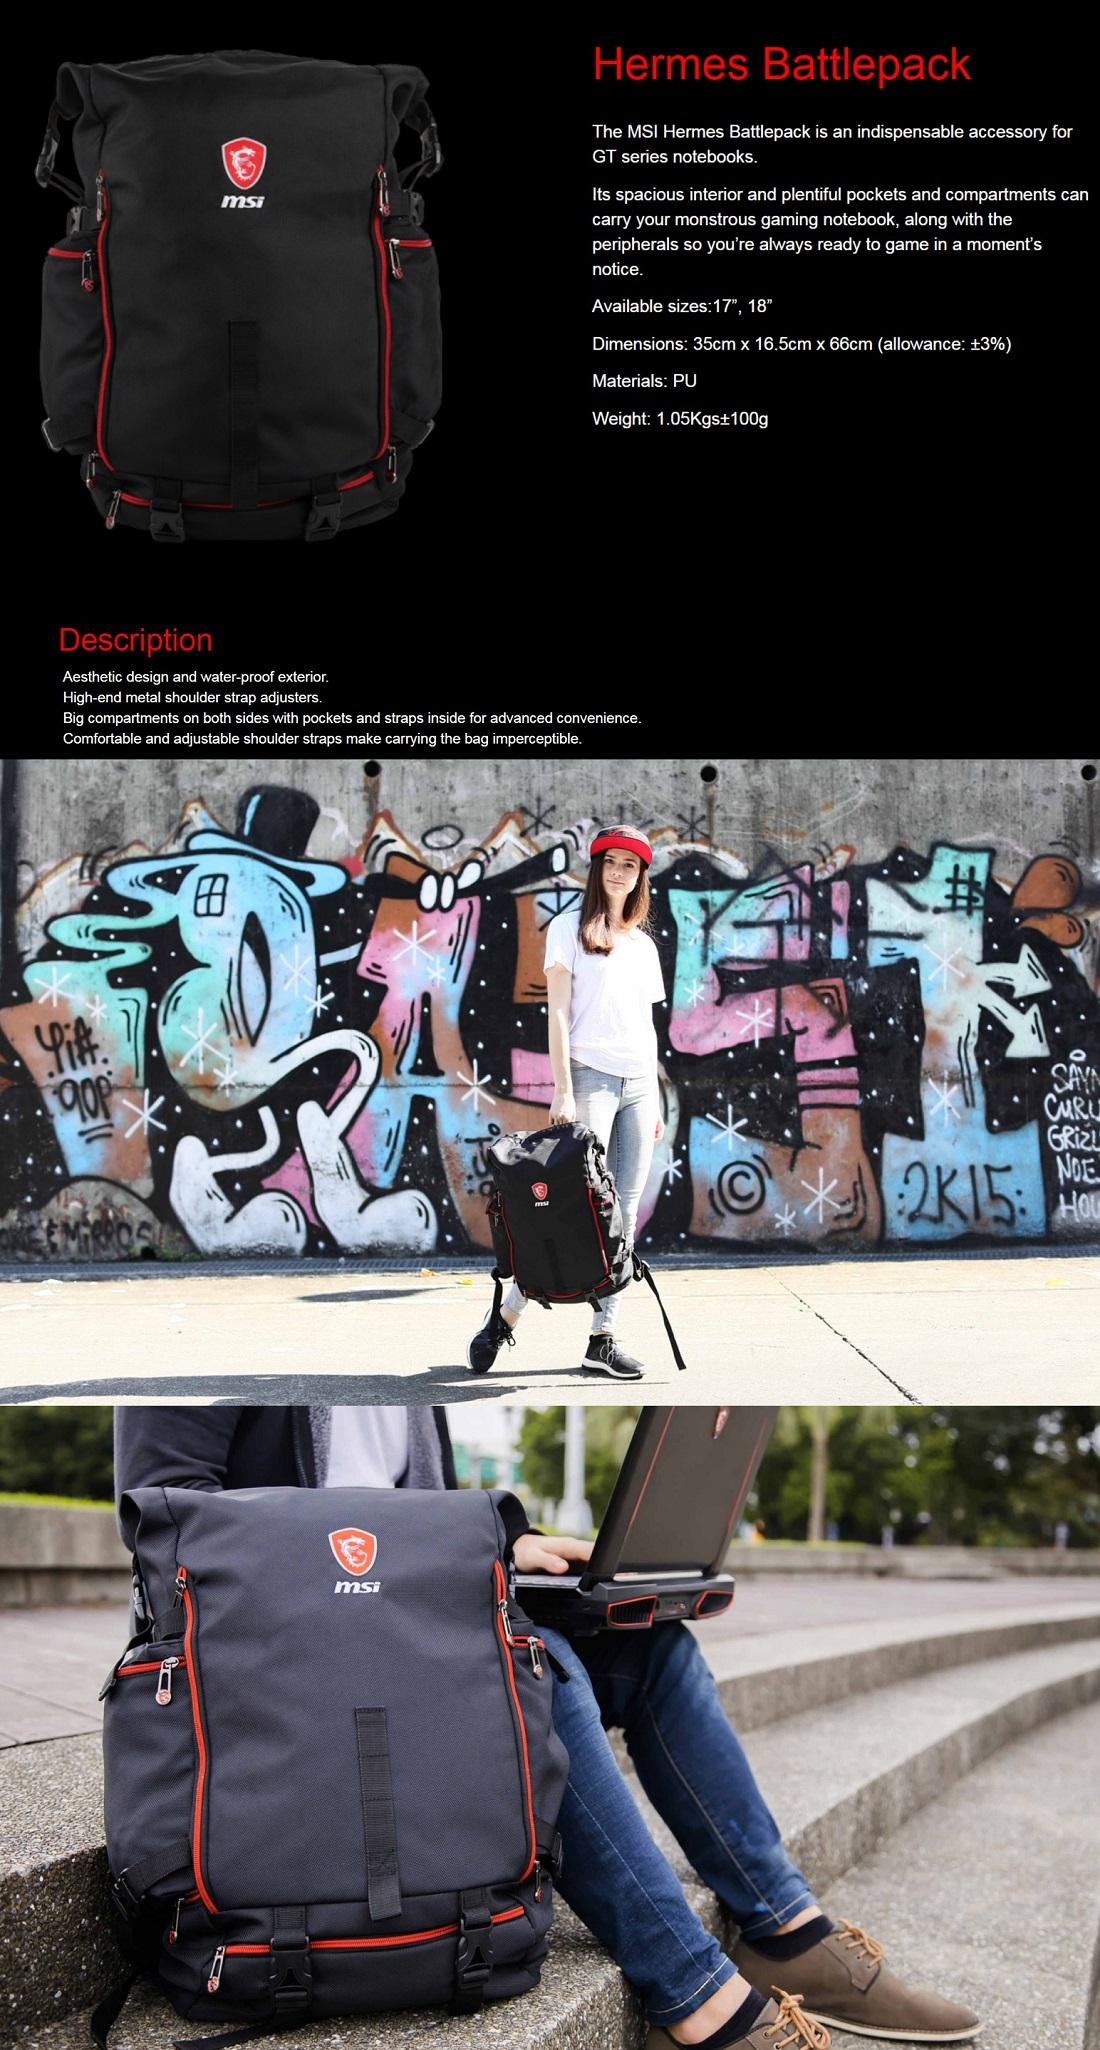 MSI Hermes Battlepack Gaming Notebooks Backpack for MSI GT Series Notebooks